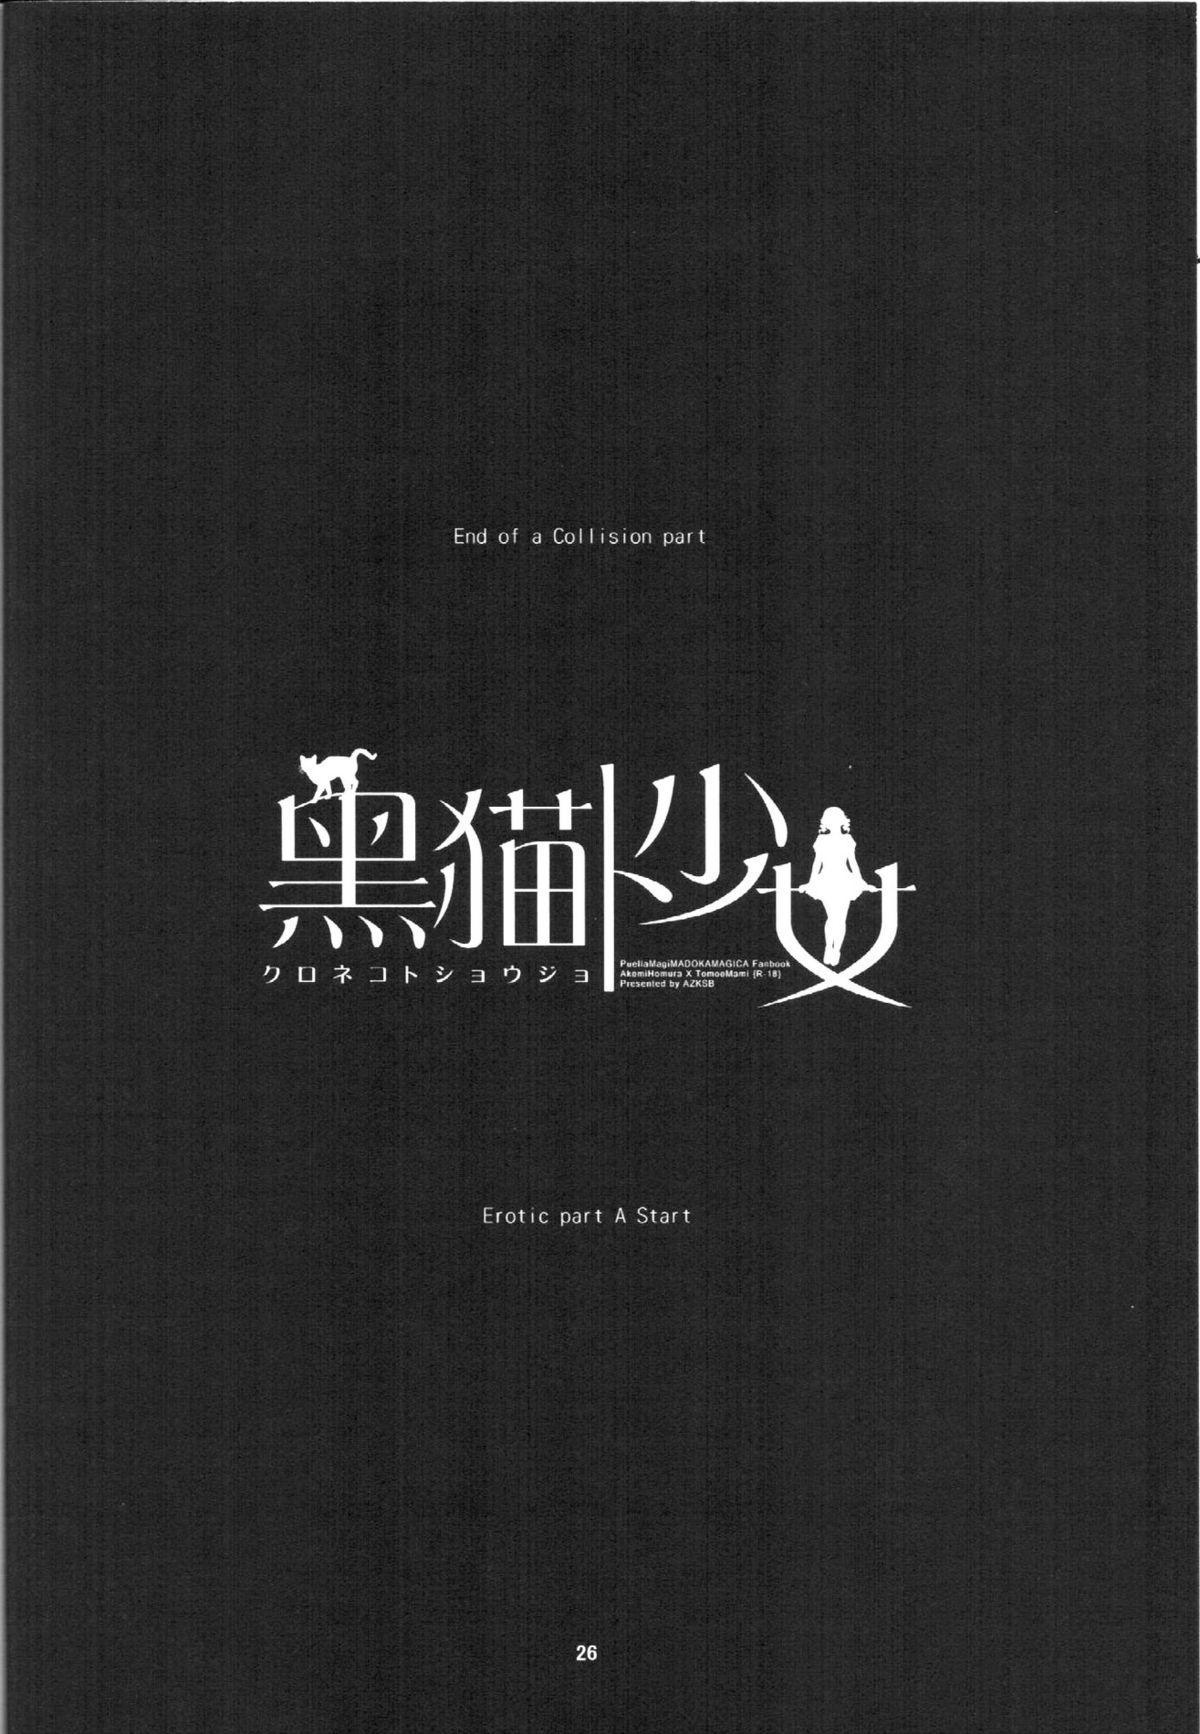 Kuroneko to Shoujo 24